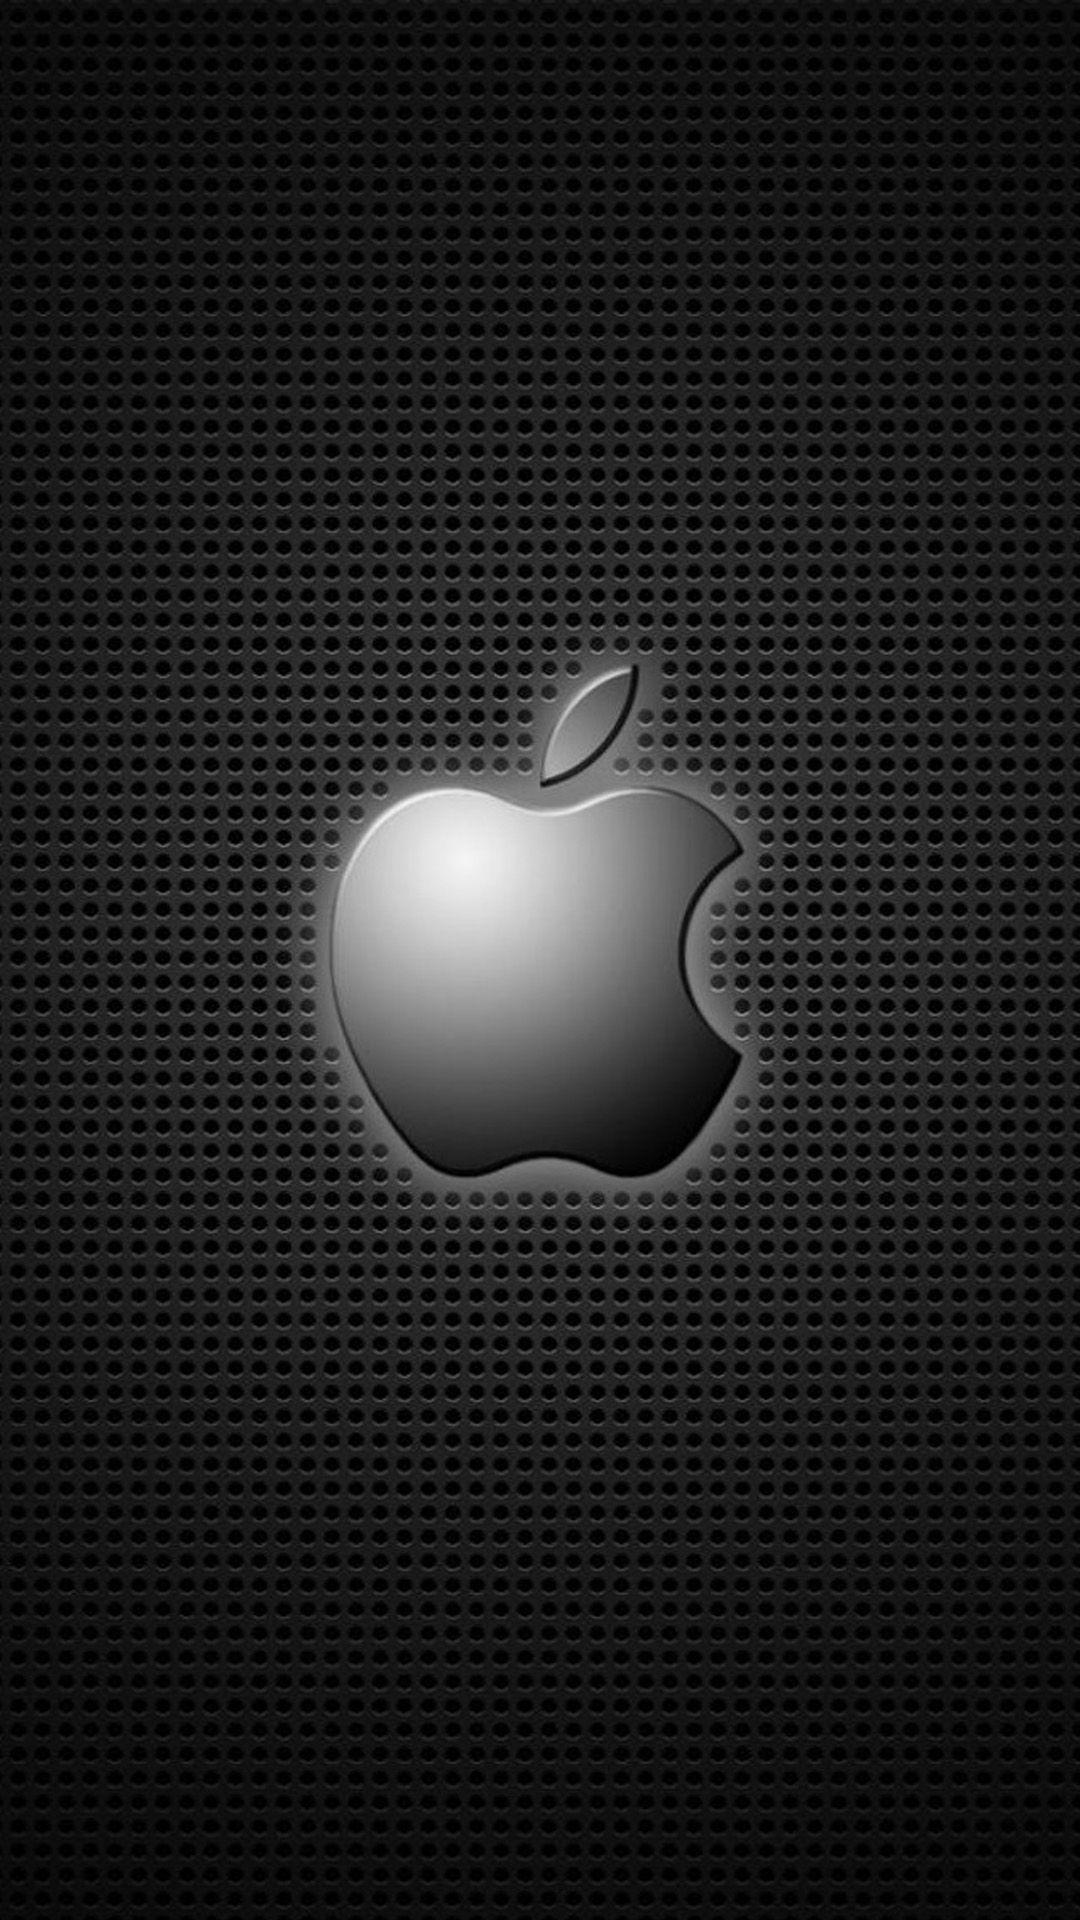 人気42位 Apple Logo Lg G2 Wallpapers Hd 373 Lg G2 Wallpapers Lg Wallpapers Iphone8 スマホ壁紙 待受画像ギャラリー アップルロゴ スマホ壁紙 アップルの壁紙